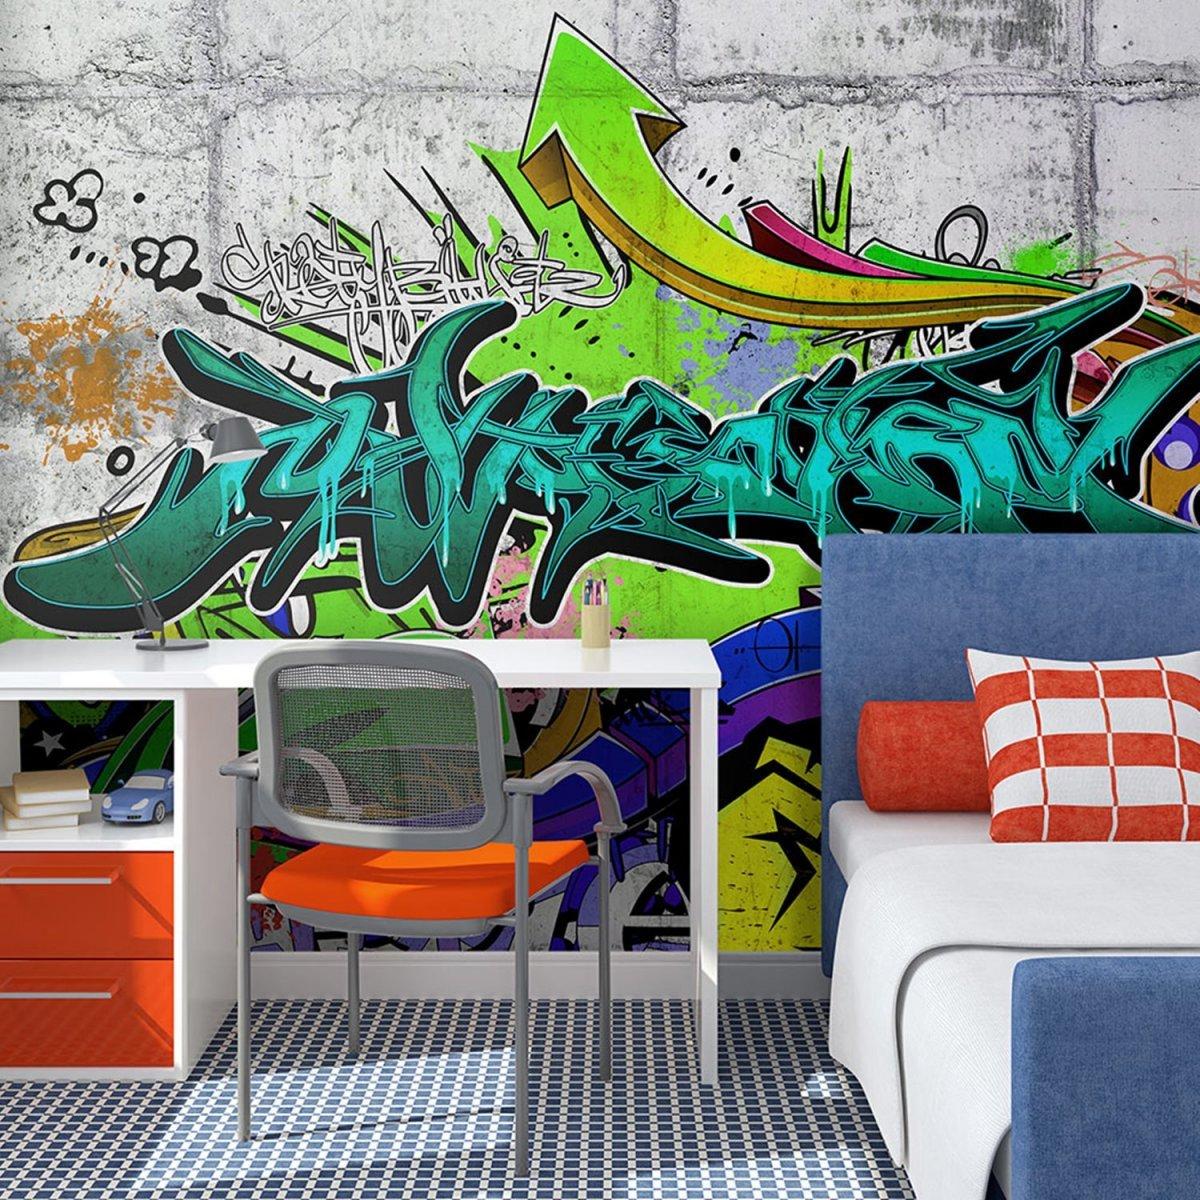 Φωτοταπετσαρίες τοίχου 250 x 175 εκ. | Mymegamarket.gr